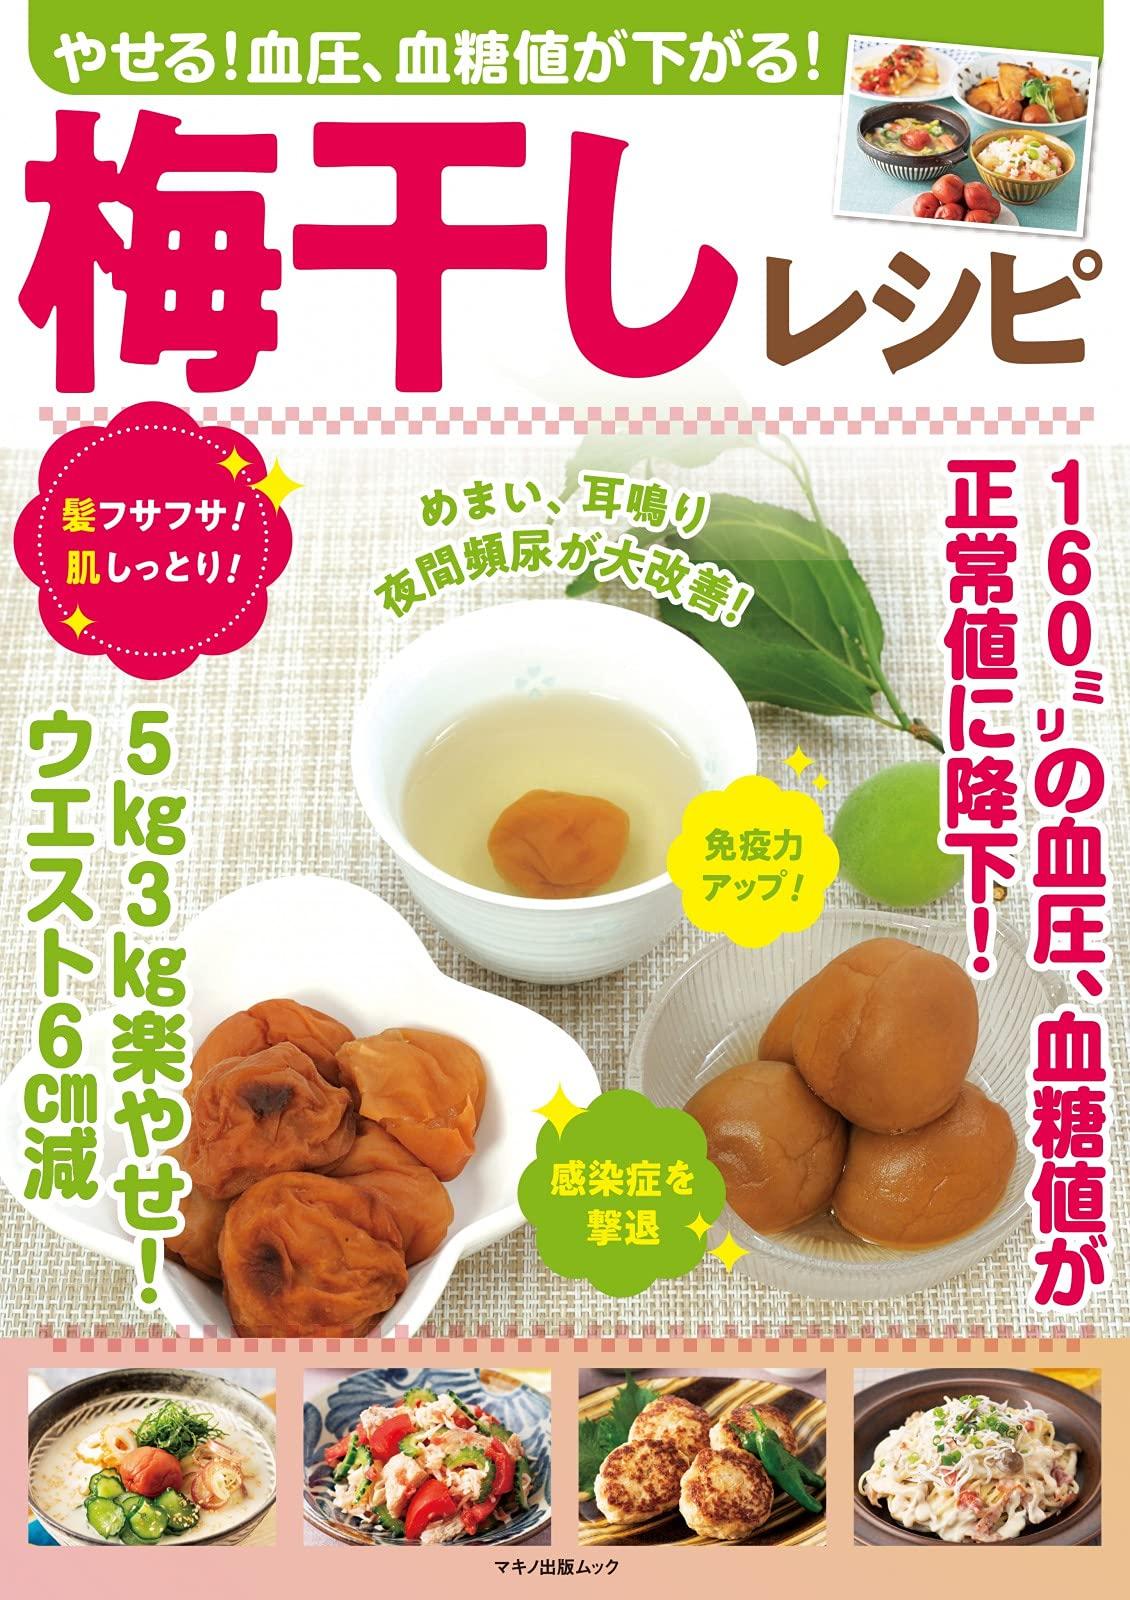 肥満・高血圧・糖尿・骨粗しょう症対策に 最強食材梅干しレシピ